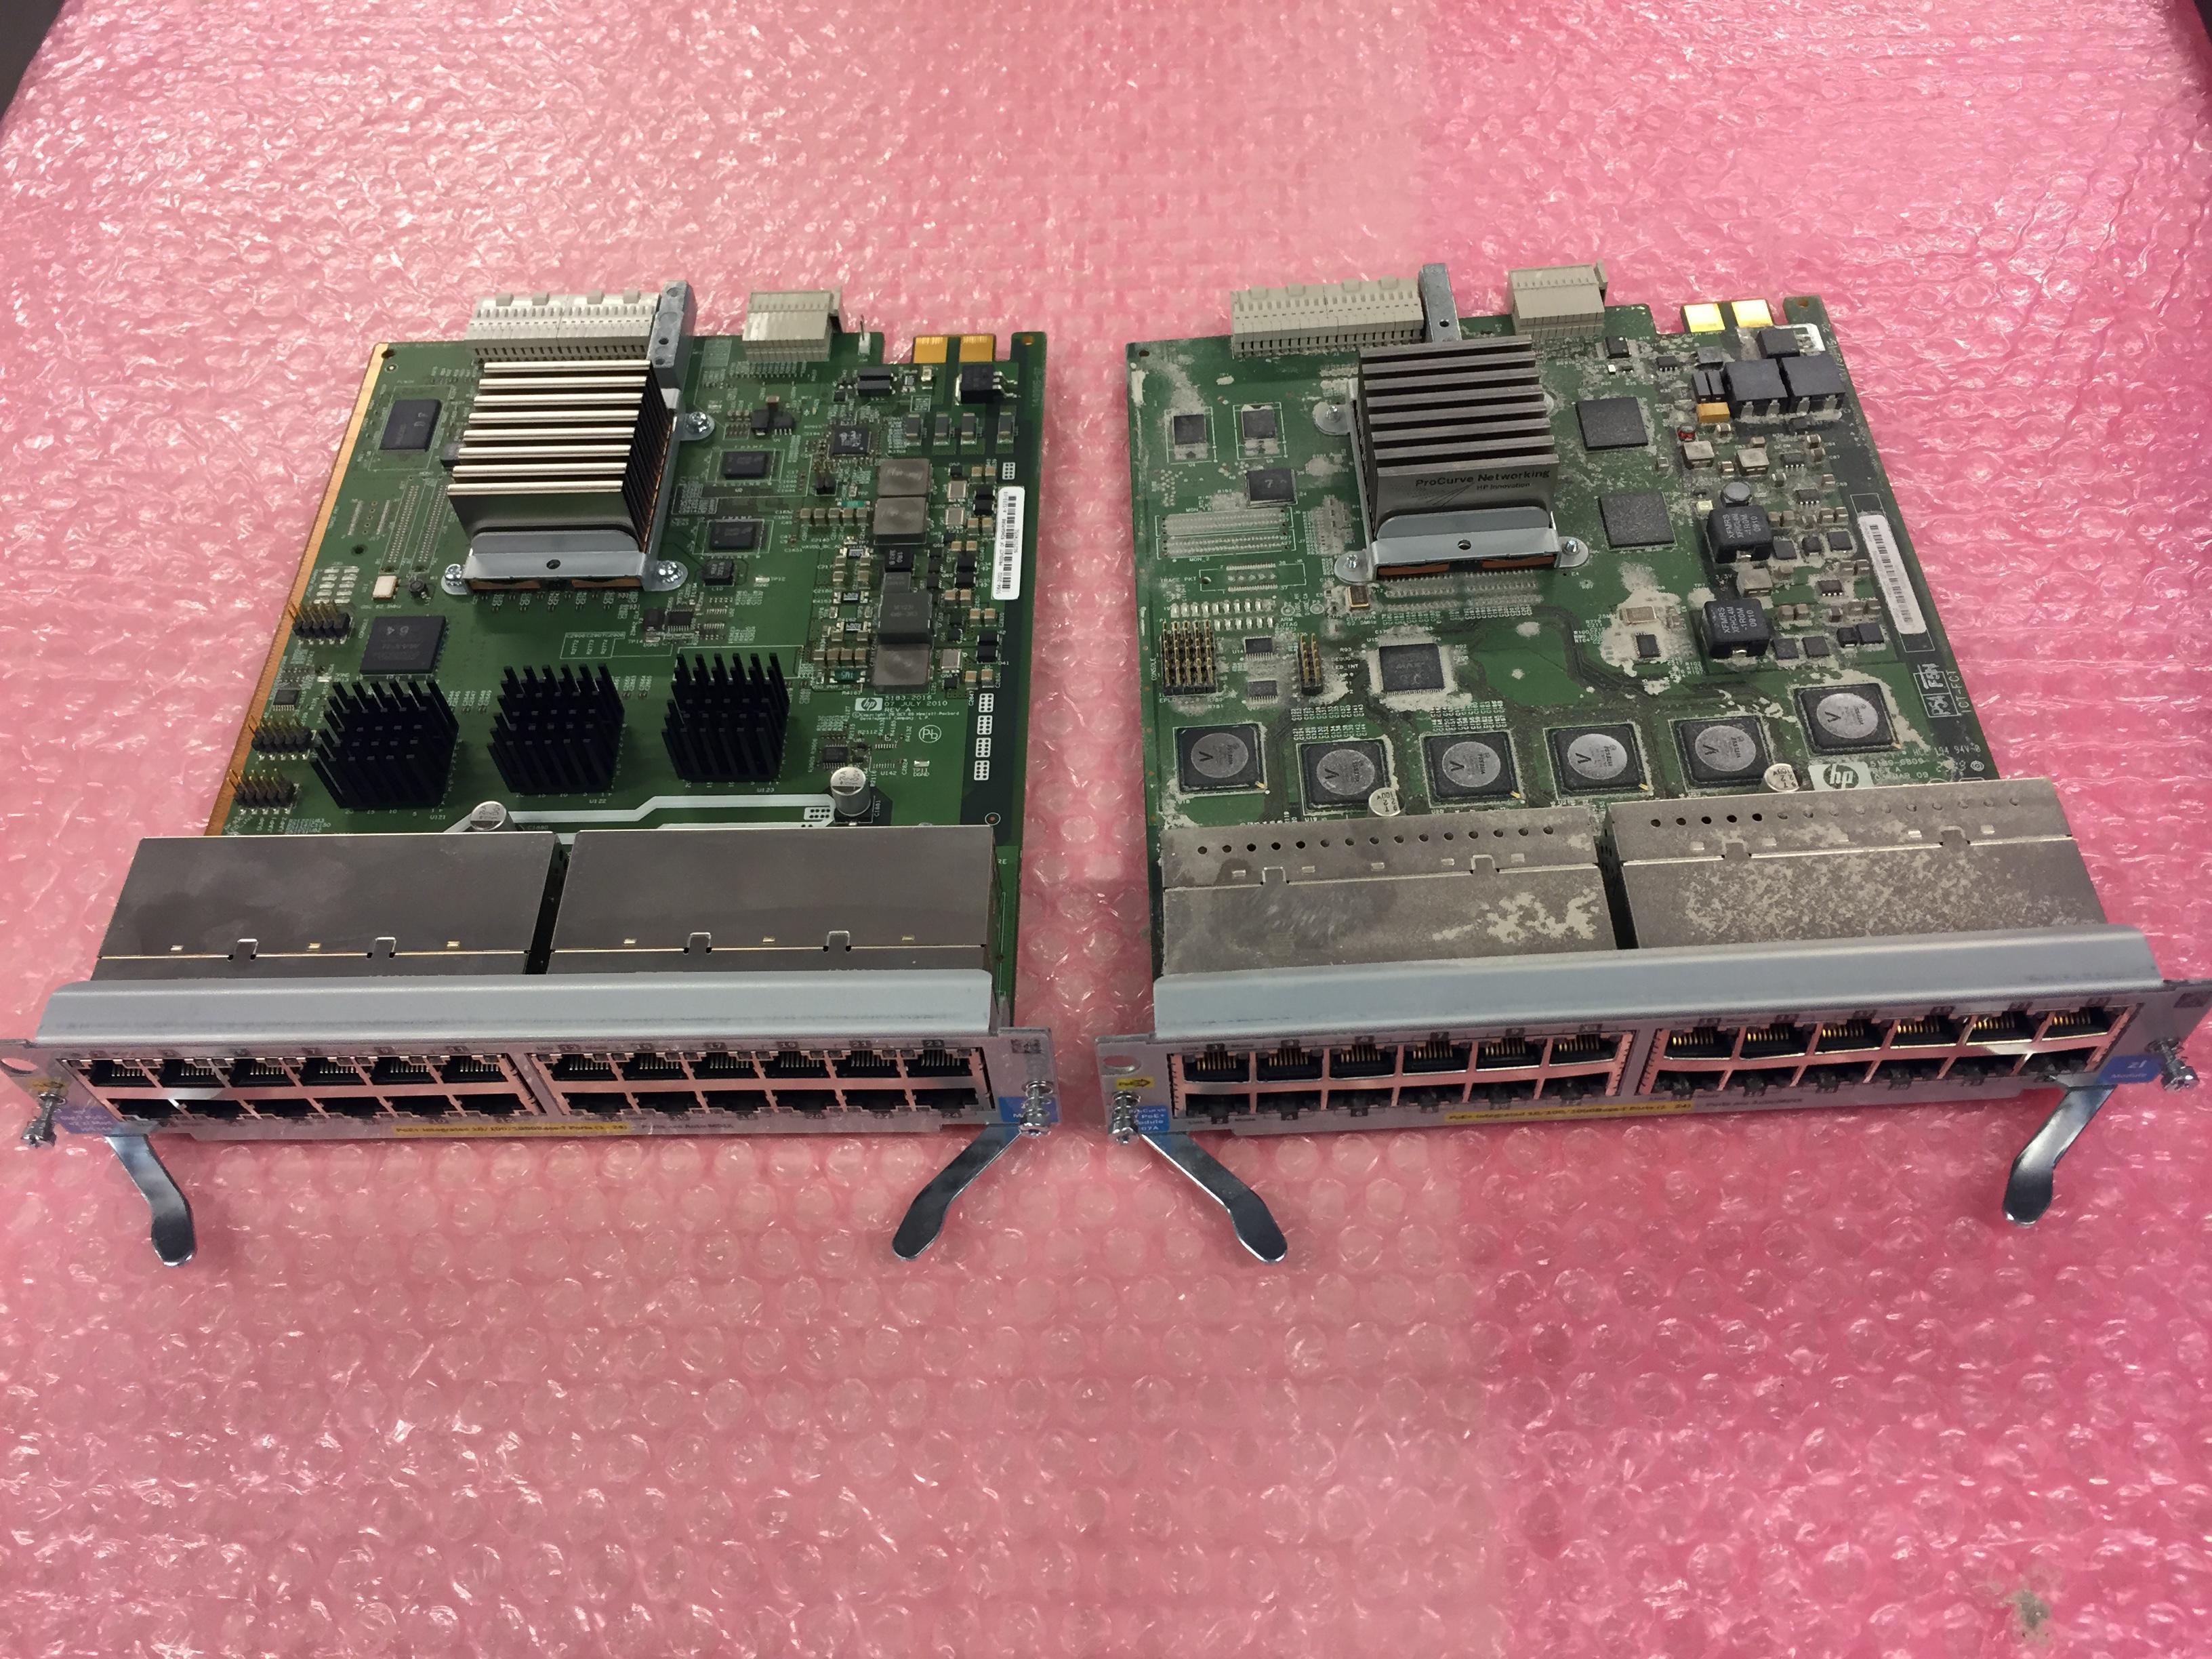 Switch Reinigung HP ProCurve Networking 5412zl Module. Rechenzentrumsreinigung, Serverraum Reinigung, Serverraumreinigung, reinigen, Staub saugen. Baustaub beseitigen, entfernen, IT, EDV, Server, Switches, instand halten, DIN EN ISO 14644-1, Systeme, Anlagen, Komponenten, Hardware, Geräte säubern. Rechenzentrum, Rack, data center cleaning services, DCC, Technikraum, Verteilerraum, ISO 14644-1 , IT Systeme, EDV Anlagen, RZ Komponenten, Instandhaltung, Wartung. Doppelboden, Kabeltrassen staubsaugen IT Dienstleister, Instandsetzung, Sanierung, sanieren. Serverreinigung, Serversanierung, Elektronik, Technik, TK, Telefonanlage, ESD, HEPA, Staubsauger, Cleaner, Reiniger, ITK, pflegen, putzen, fegen, Bauarbeiten, Umbaumaßnahmen, Renovierung, Gipsstaub, Lüfter, Kühlkörper, Kühlung, Storages, USV, Klimaanlage, Netzteile, CPU, Hochverfügbarkeit, IT-Sicherheit, Ausfallsicherheit. Fernmeldeanlagen, Telekommunikationsanlagen.